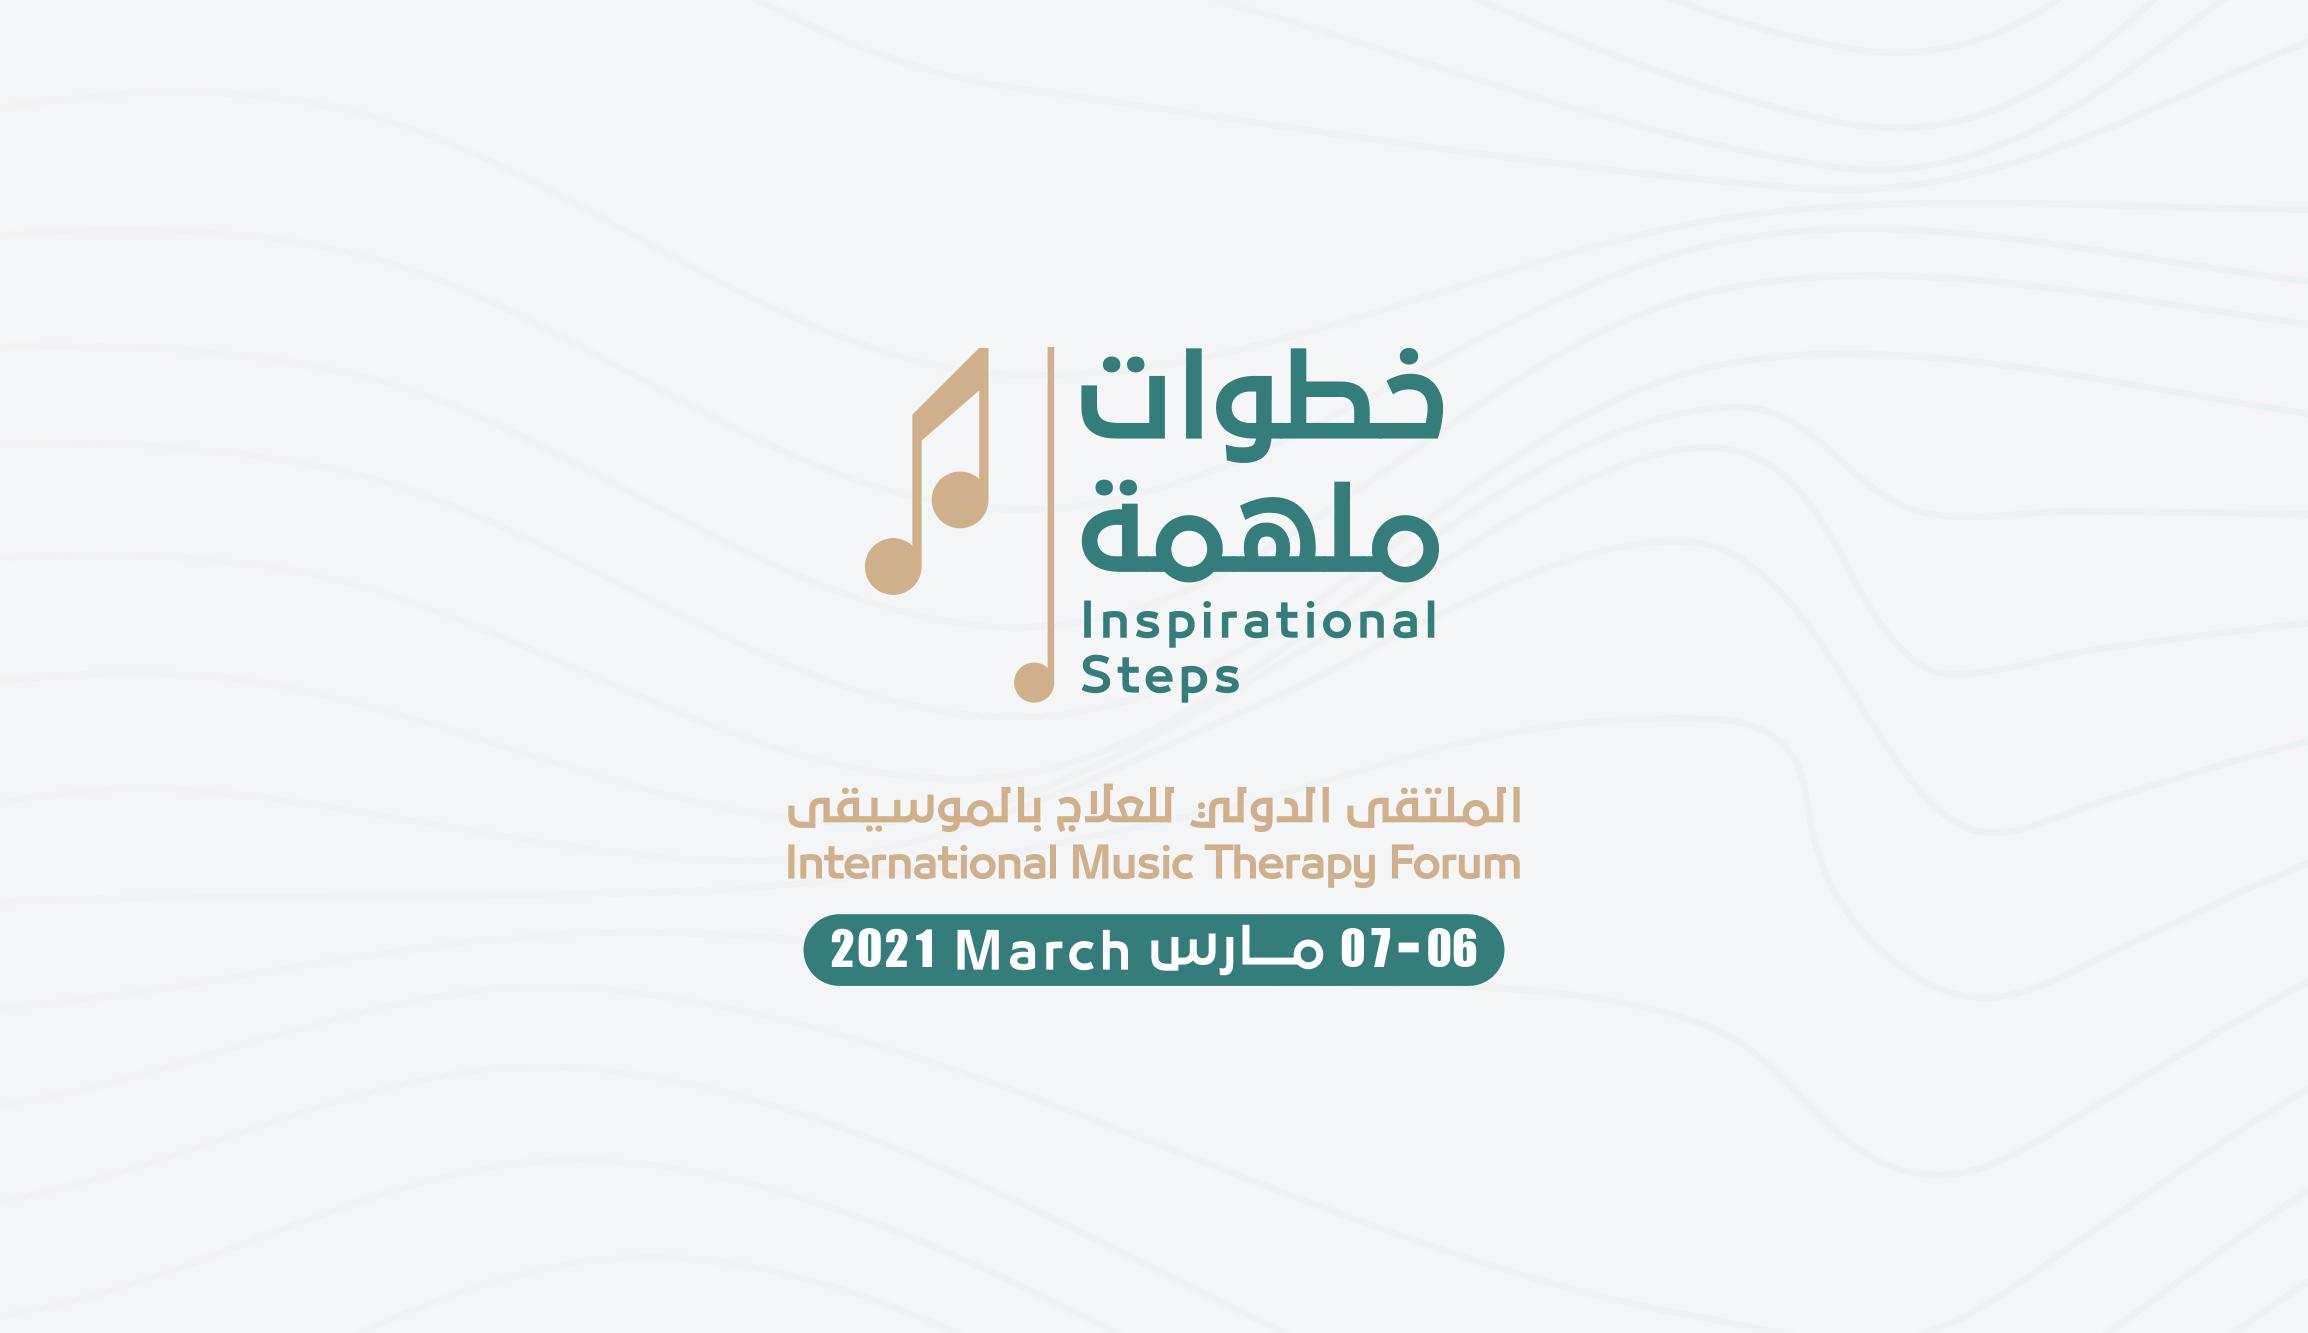 الملتقى الدولي للعلاج بالموسيقى خطوة في طريق ألف خطوة ملهمة